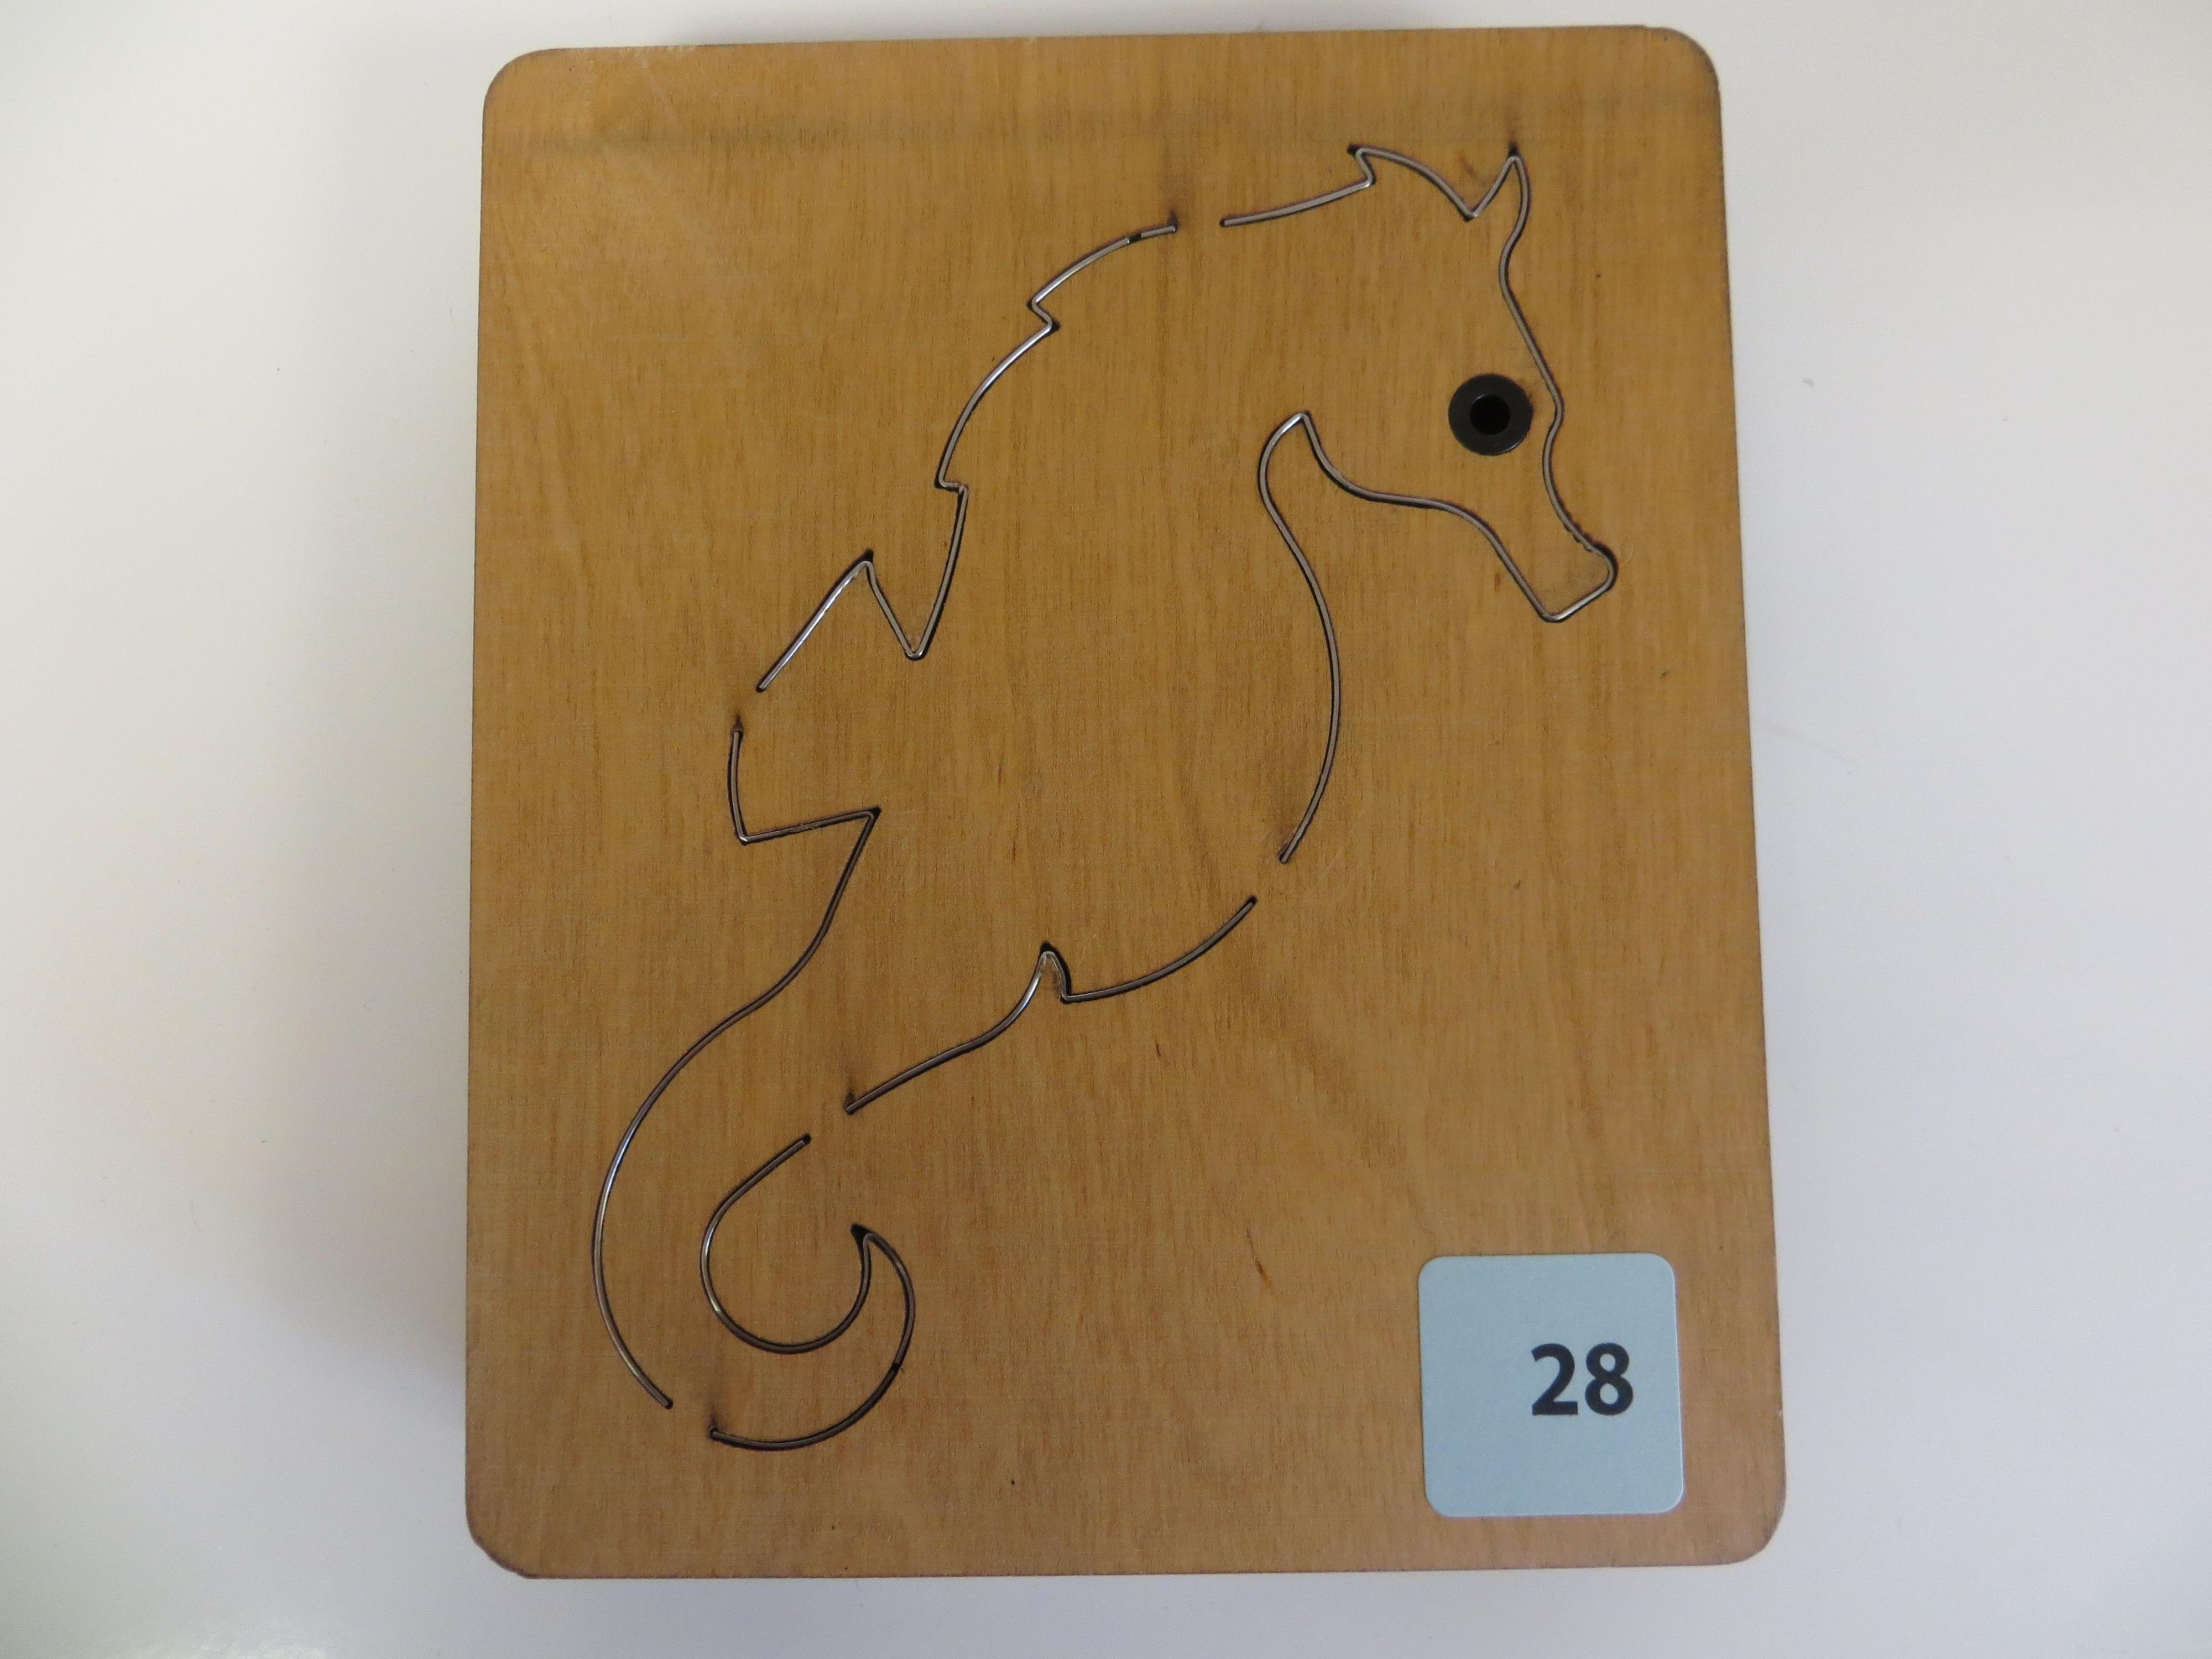 #28 Seahorse